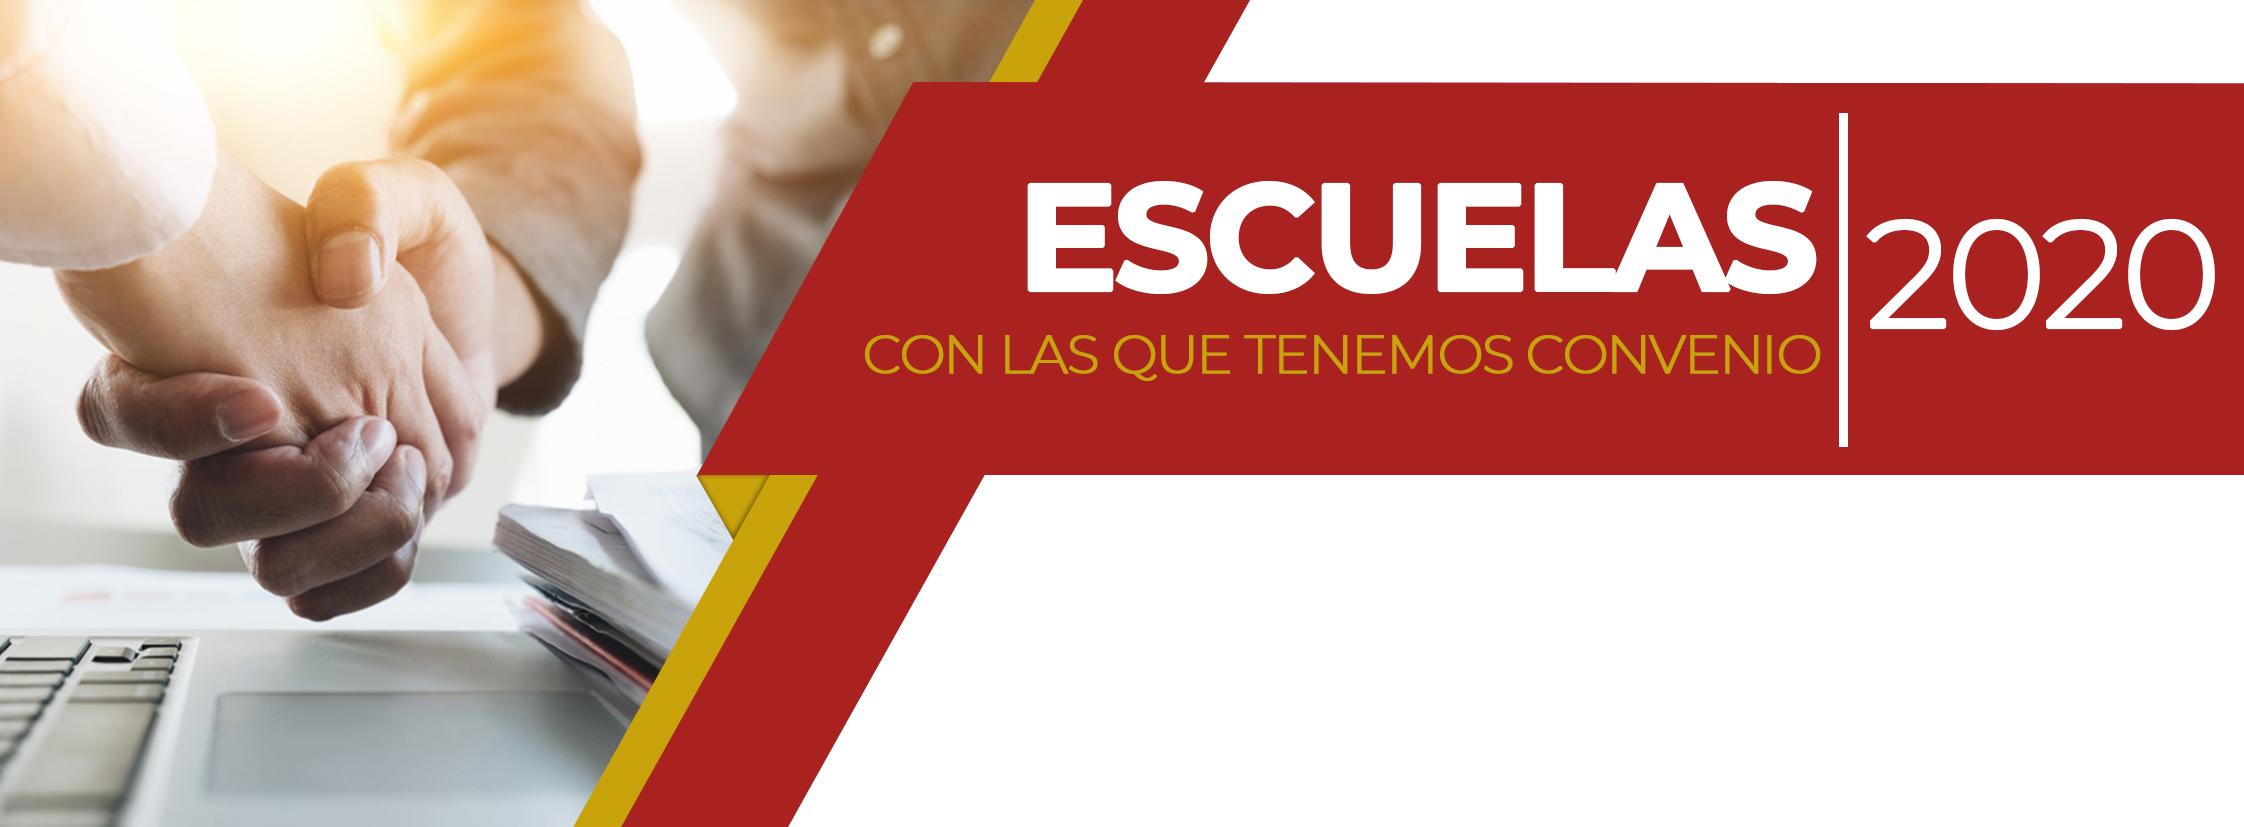 3-Baner x sección-ESCUELAS-2